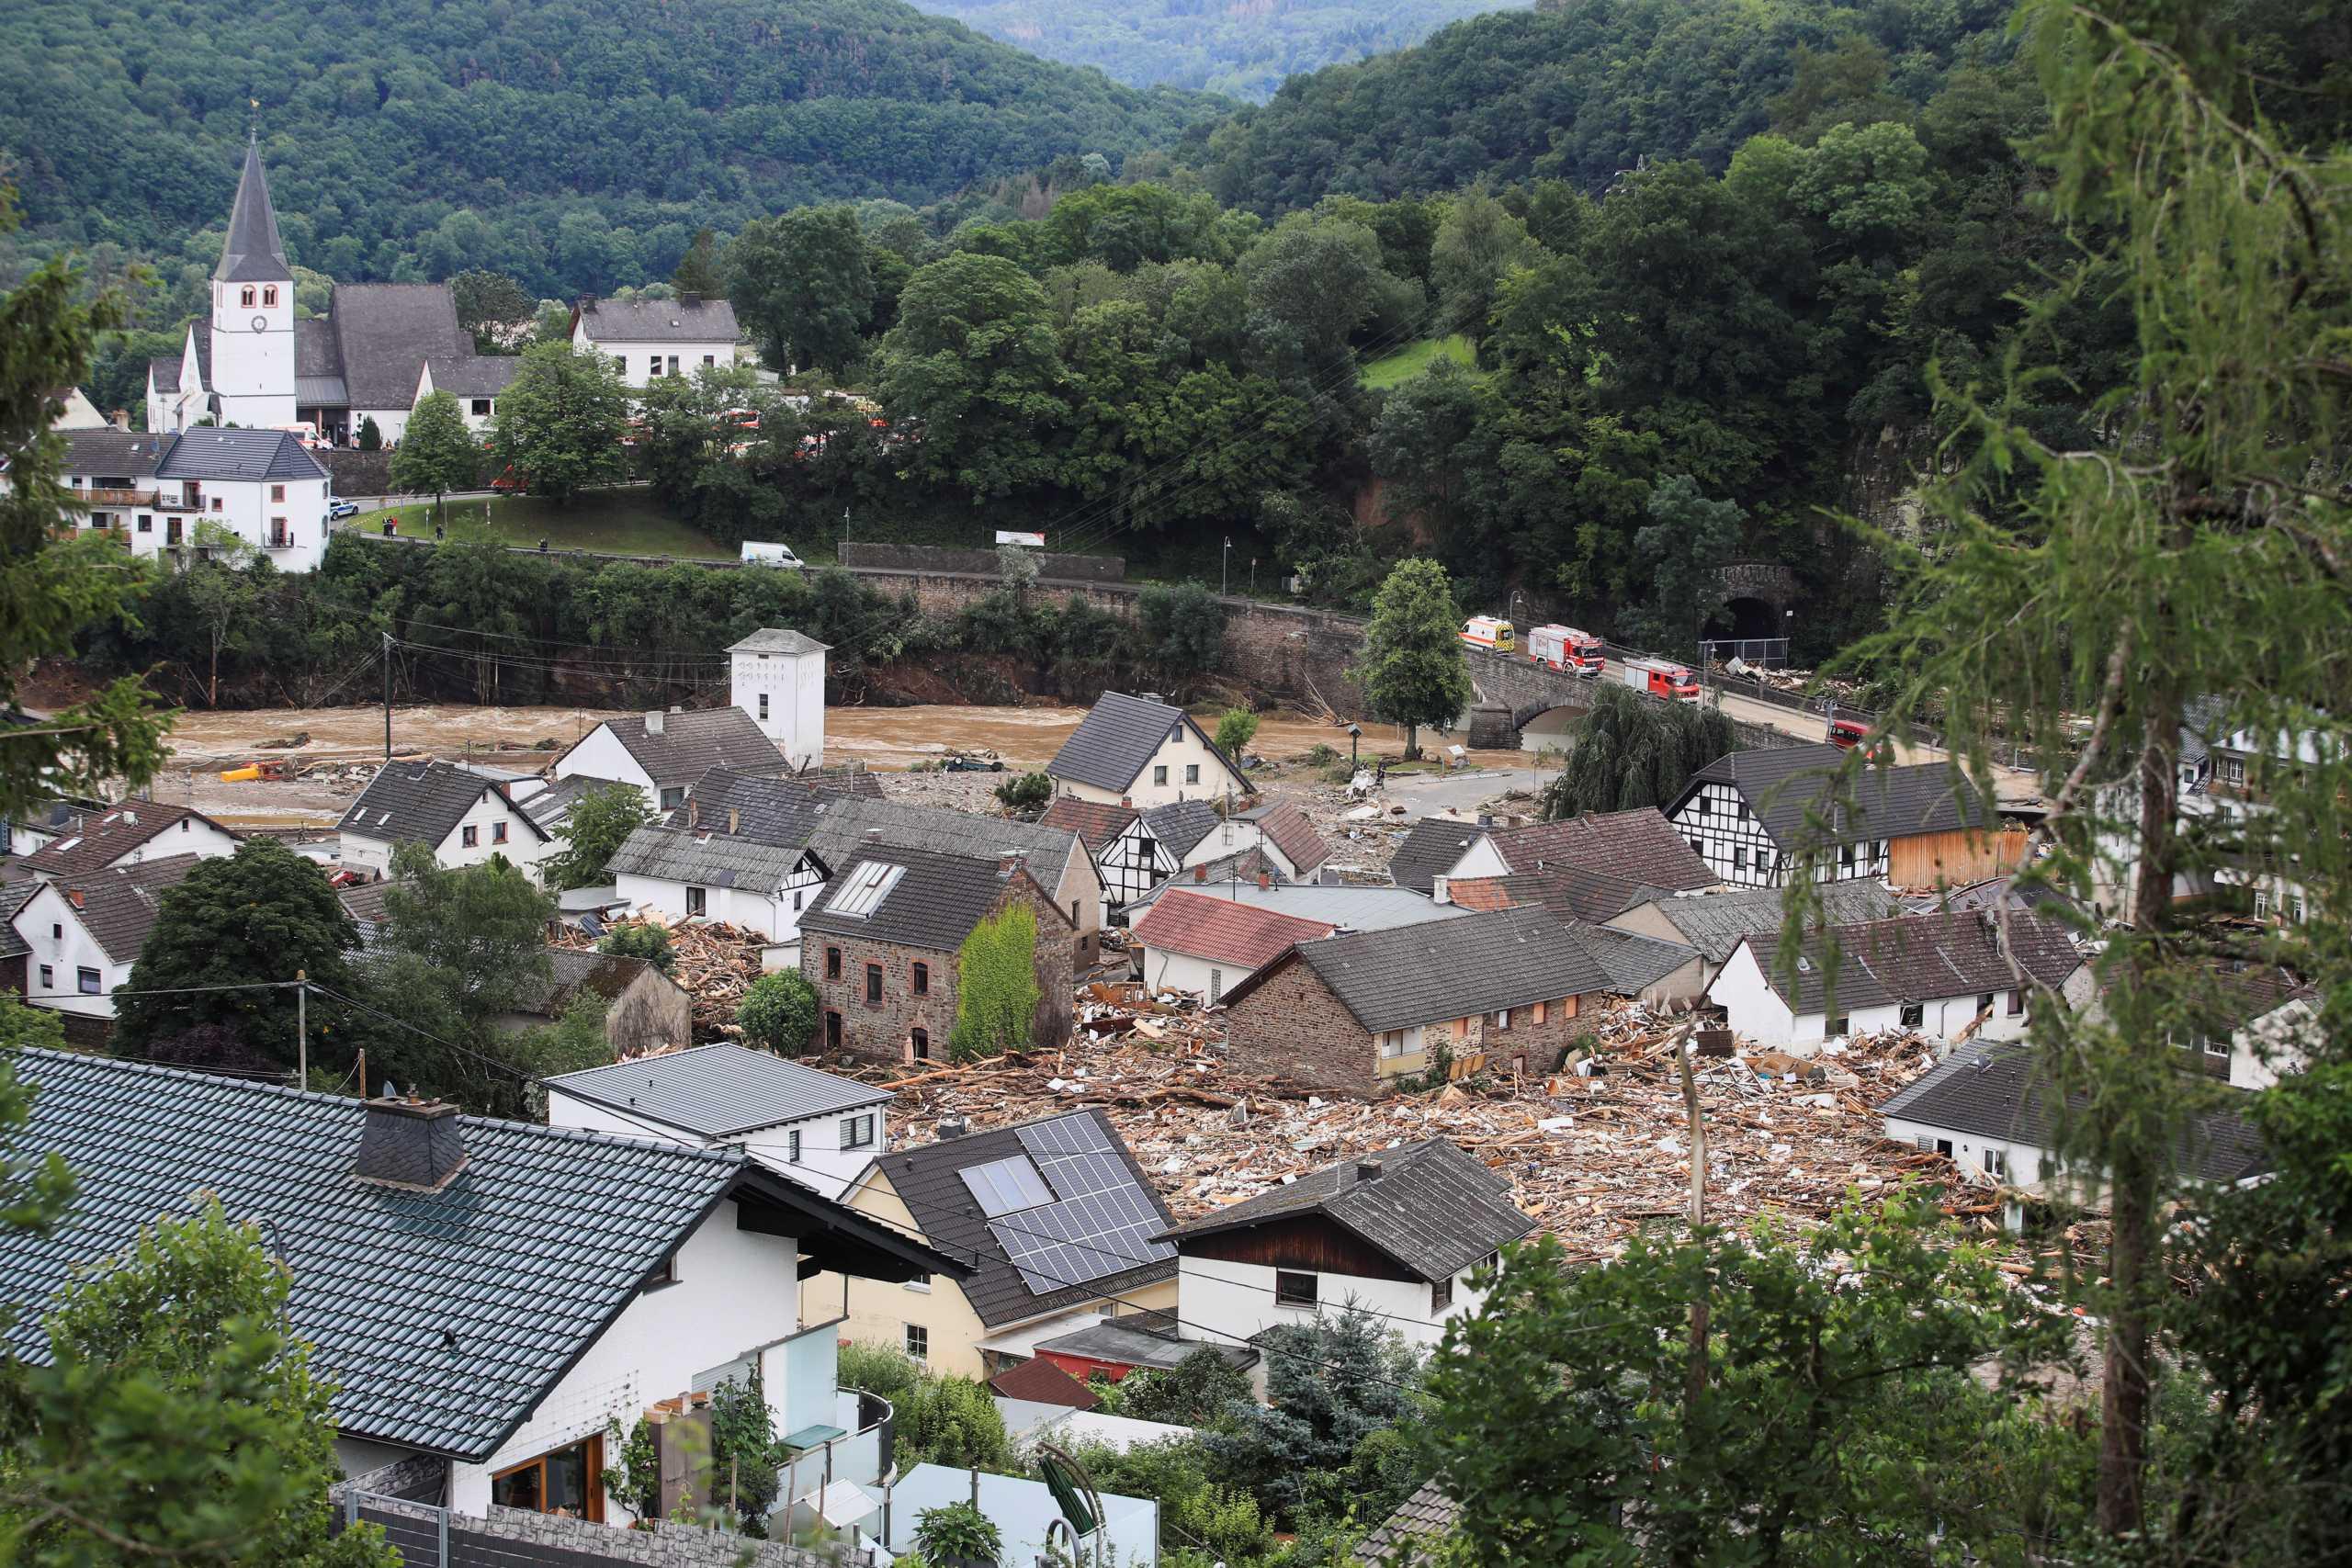 Γερμανία: Αυξάνεται ραγδαία ο αριθμός των νεκρών από τις πλημμύρες